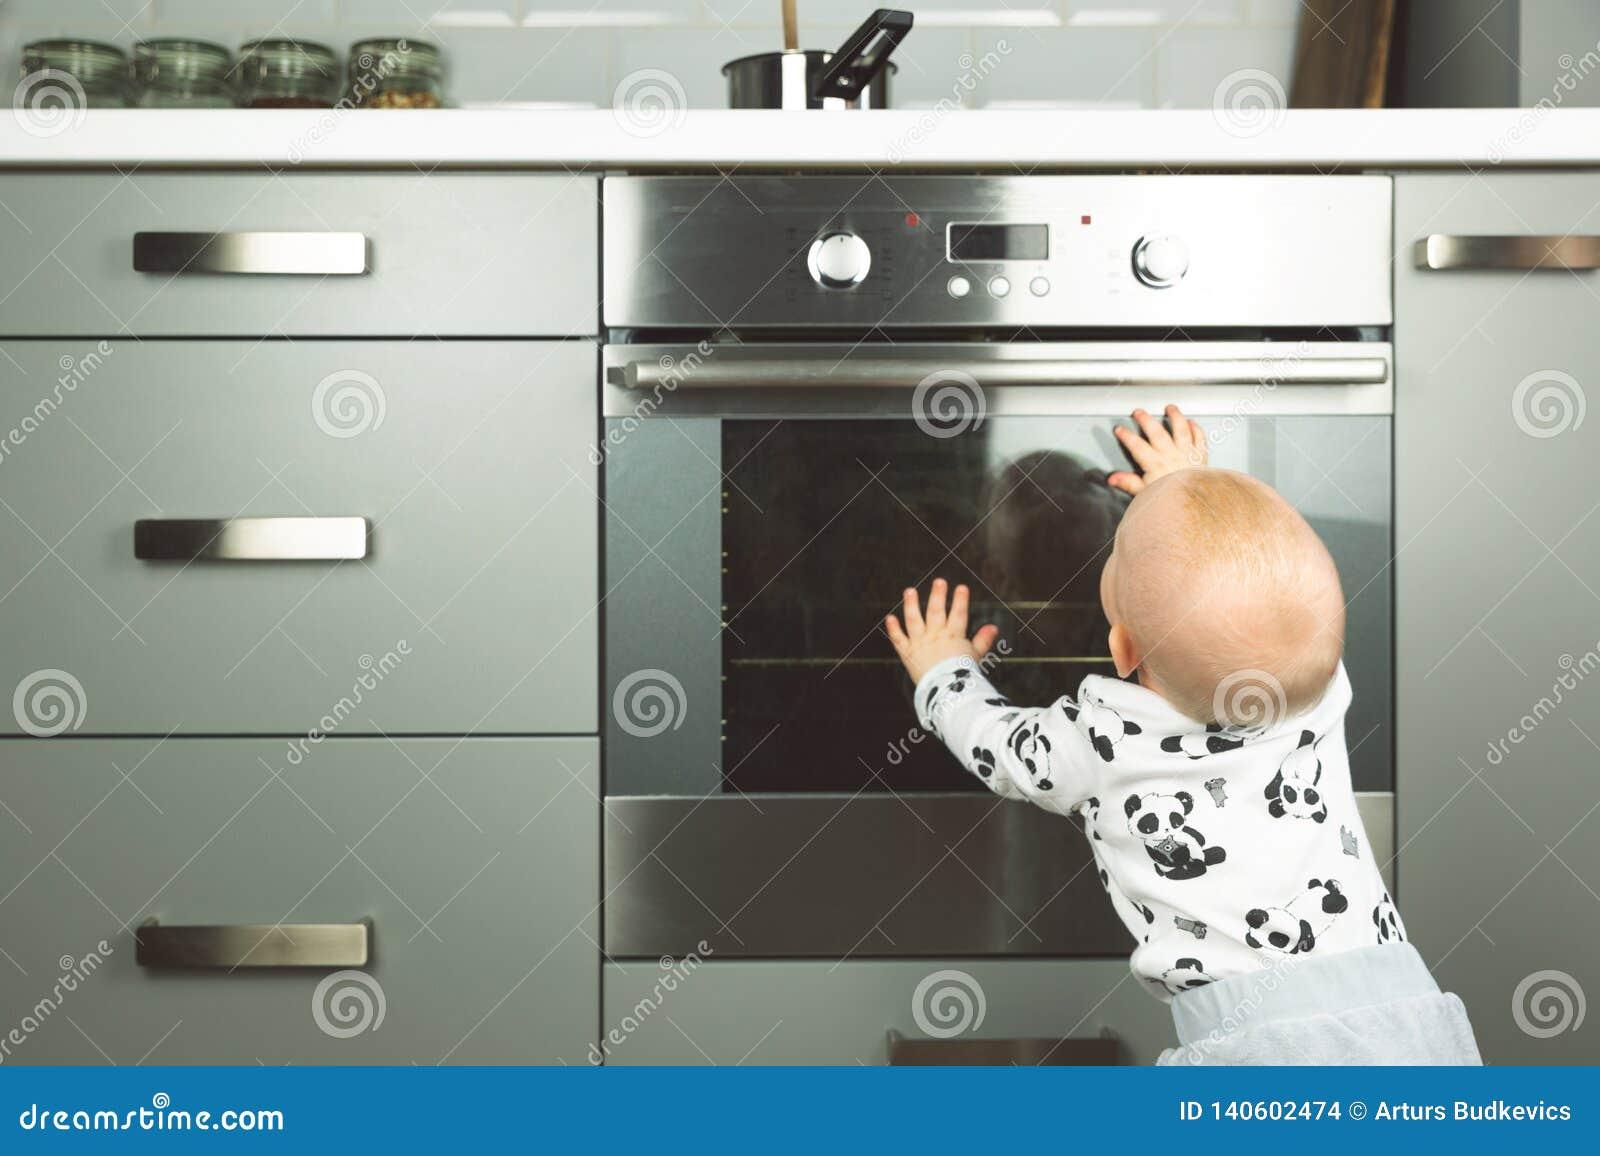 Немногое ребенок играя с электрической плитой в кухне Безопасность младенца в кухне